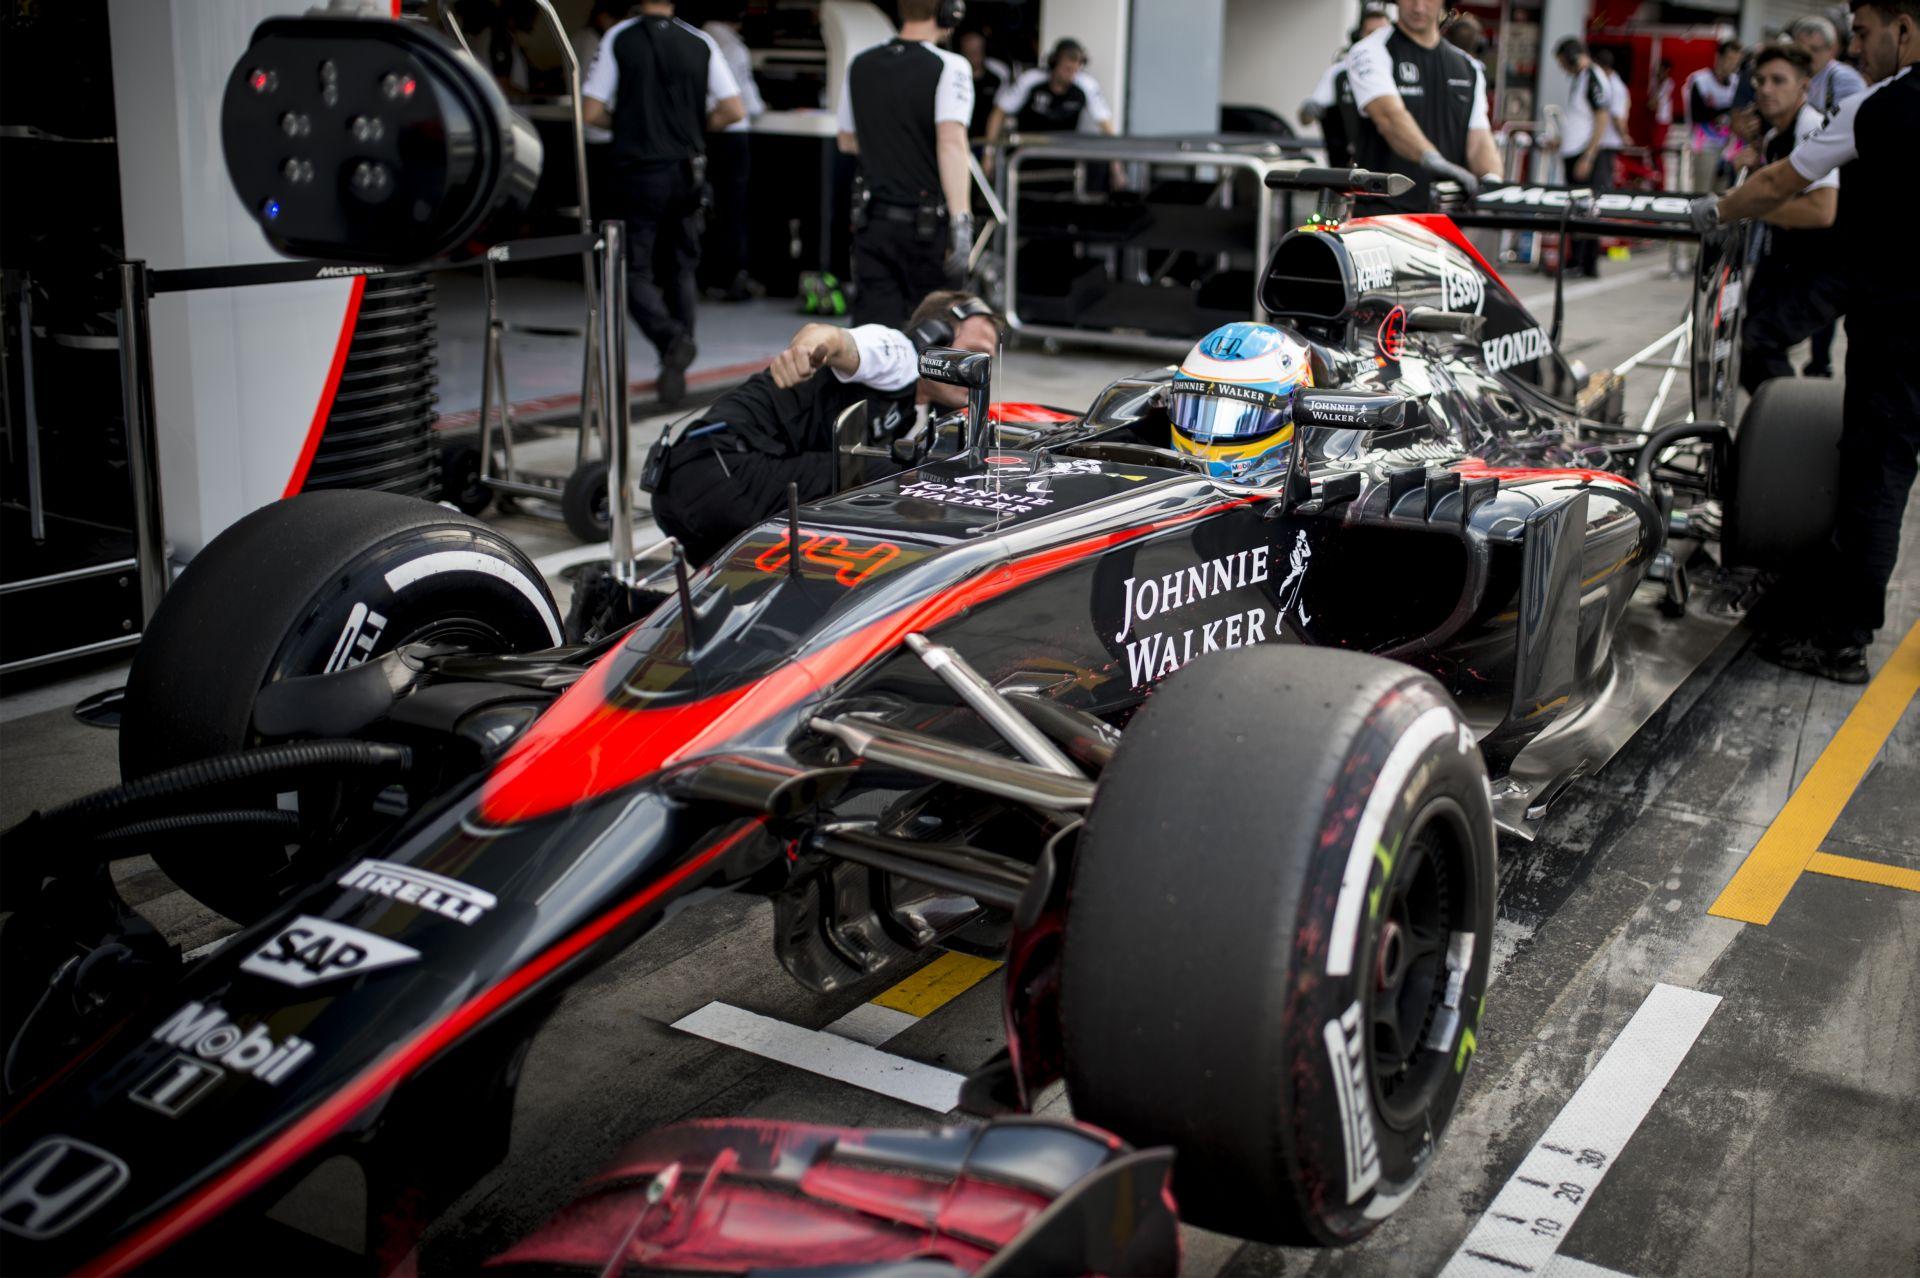 A McLaren-Honda erősebb lesz, mint Chuck Norris? Irány az élmezőny!